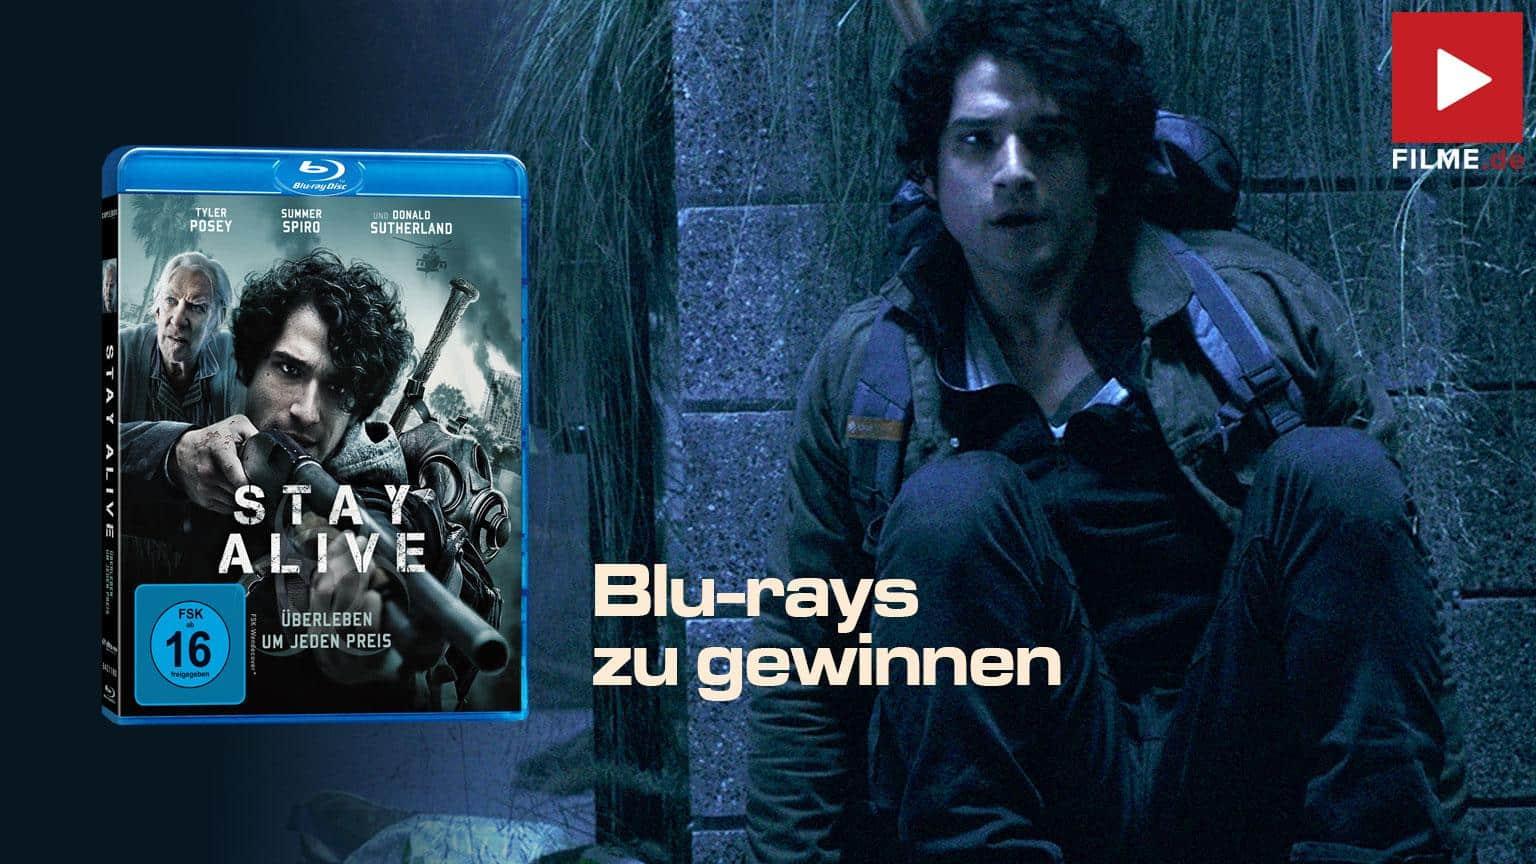 Stay Alive - Überleben um jeden Preis Film 2021 Blu-ray DVD Gewinnspiel gewinnen Shop kaufen Artikelbild